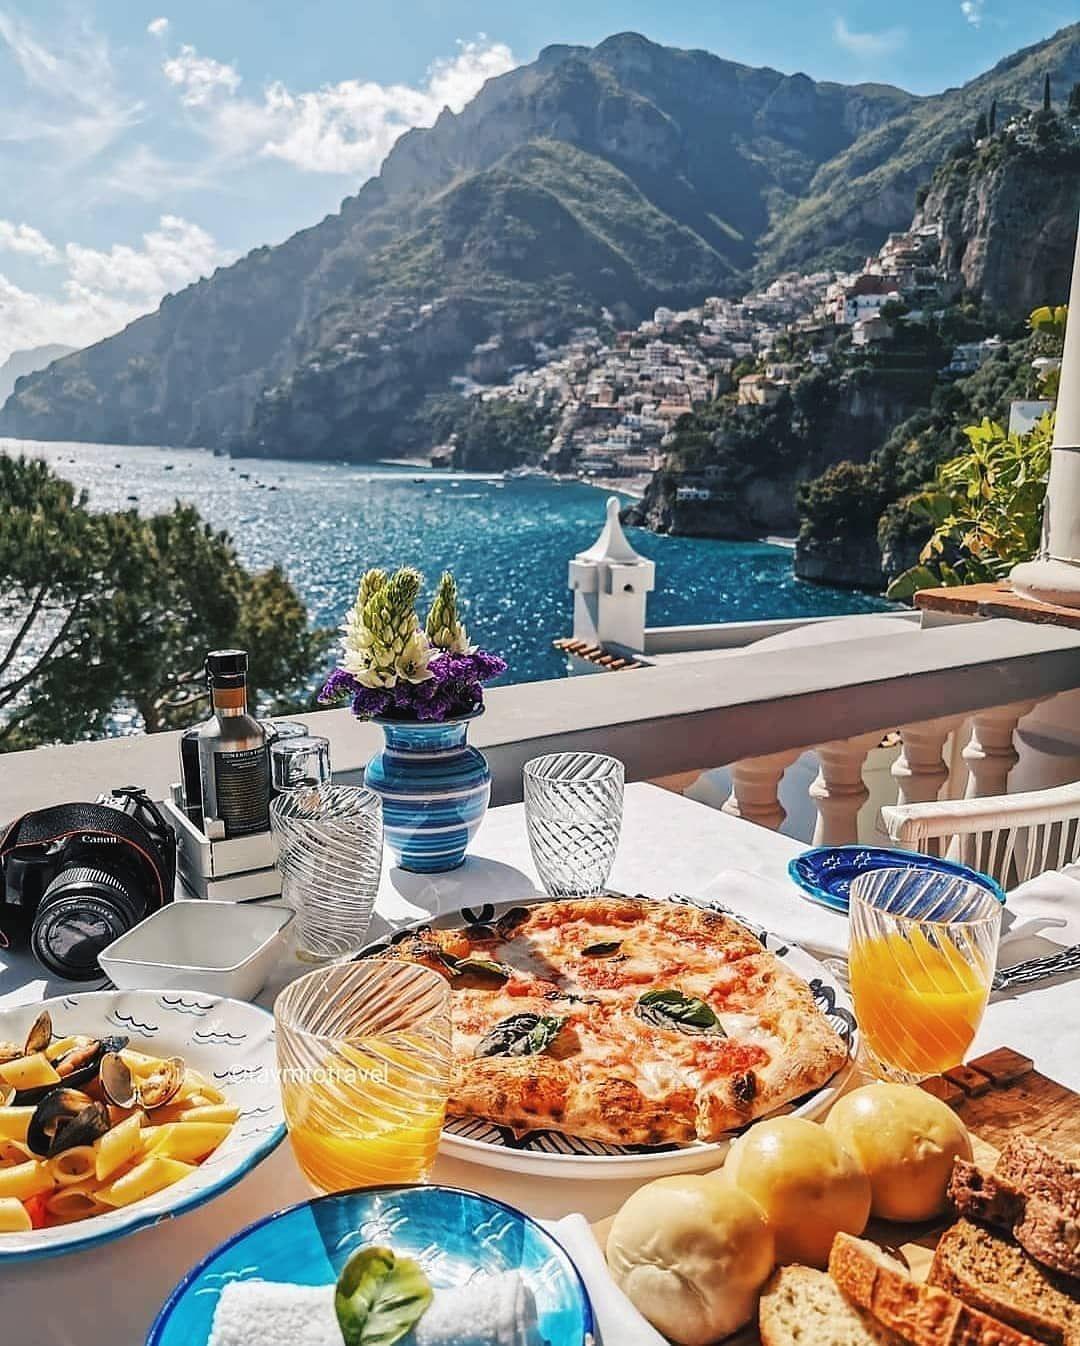 признать, что утро красиво италия фото иногда бывает